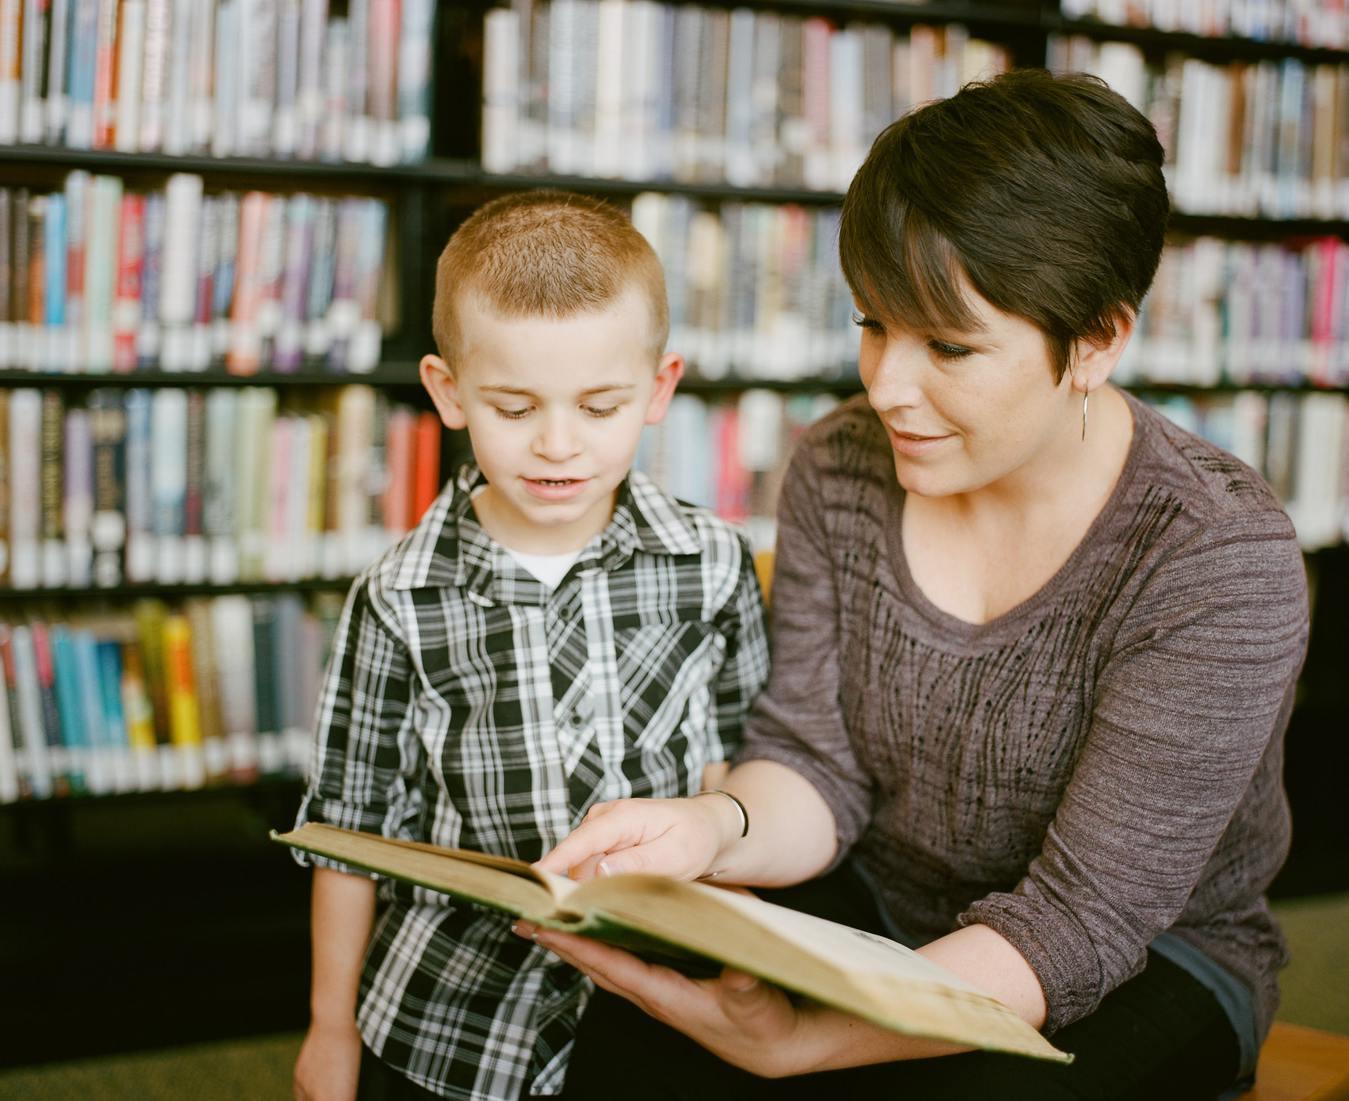 Orang dewasa mengajari anak dengan buku